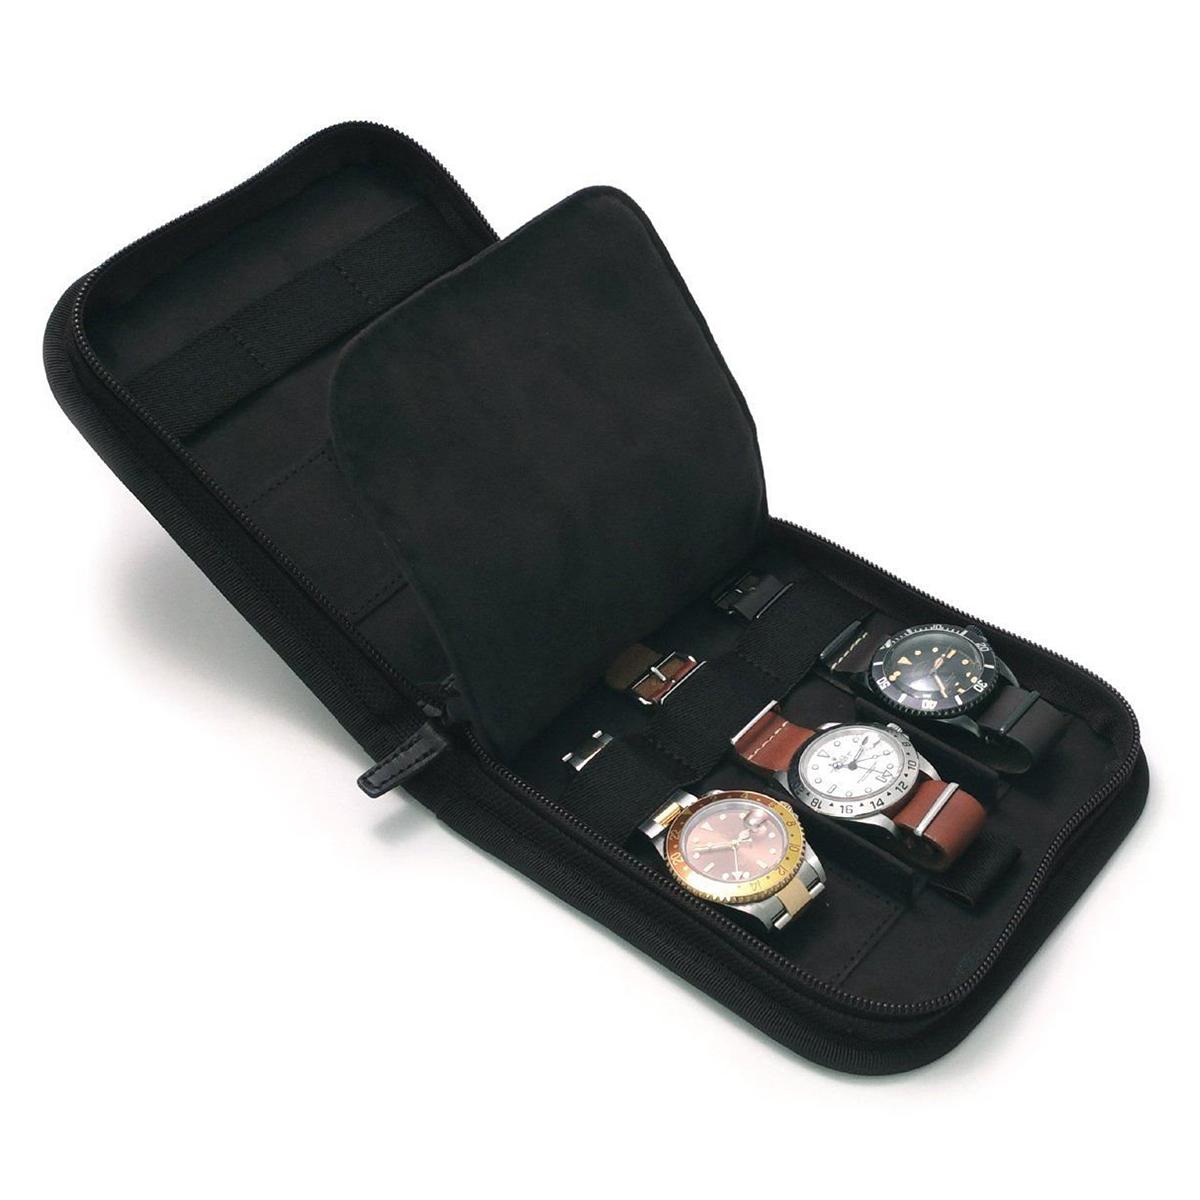 ヴァーグウォッチ VAGUE WATCH Co. ポーター PORTER 腕時計ケース 時計収納ケース 6本用 ブラック WC-M-001